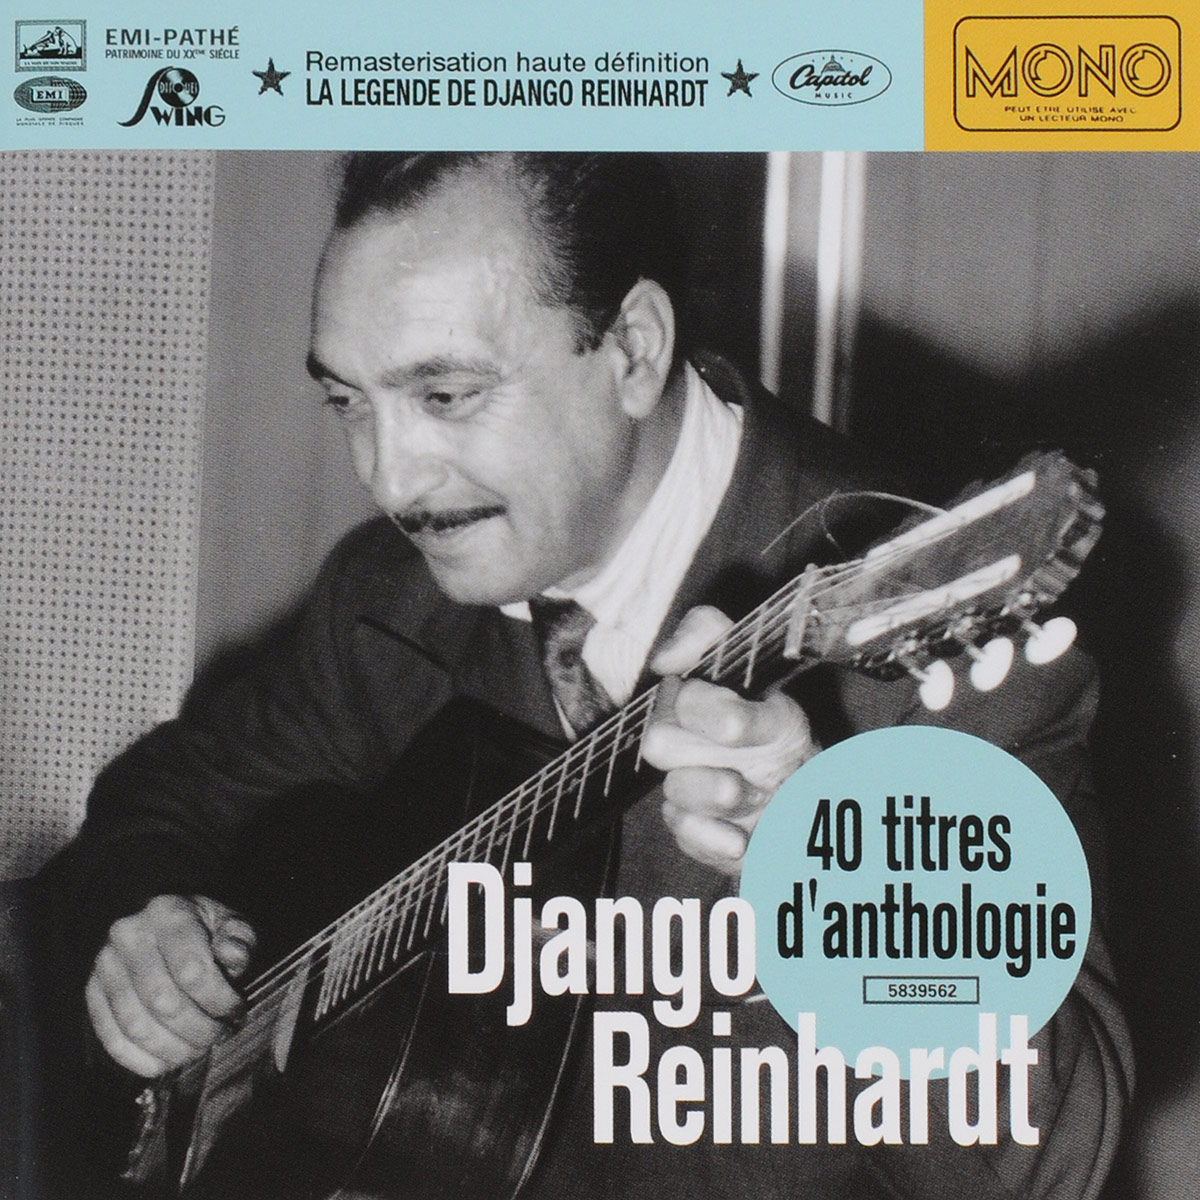 Исполнитель: REINHARDT, DJANGOАльбом: 40 TITRES D'ANTHOLOGIEПроизводитель: EMI MUSIC FRANCE